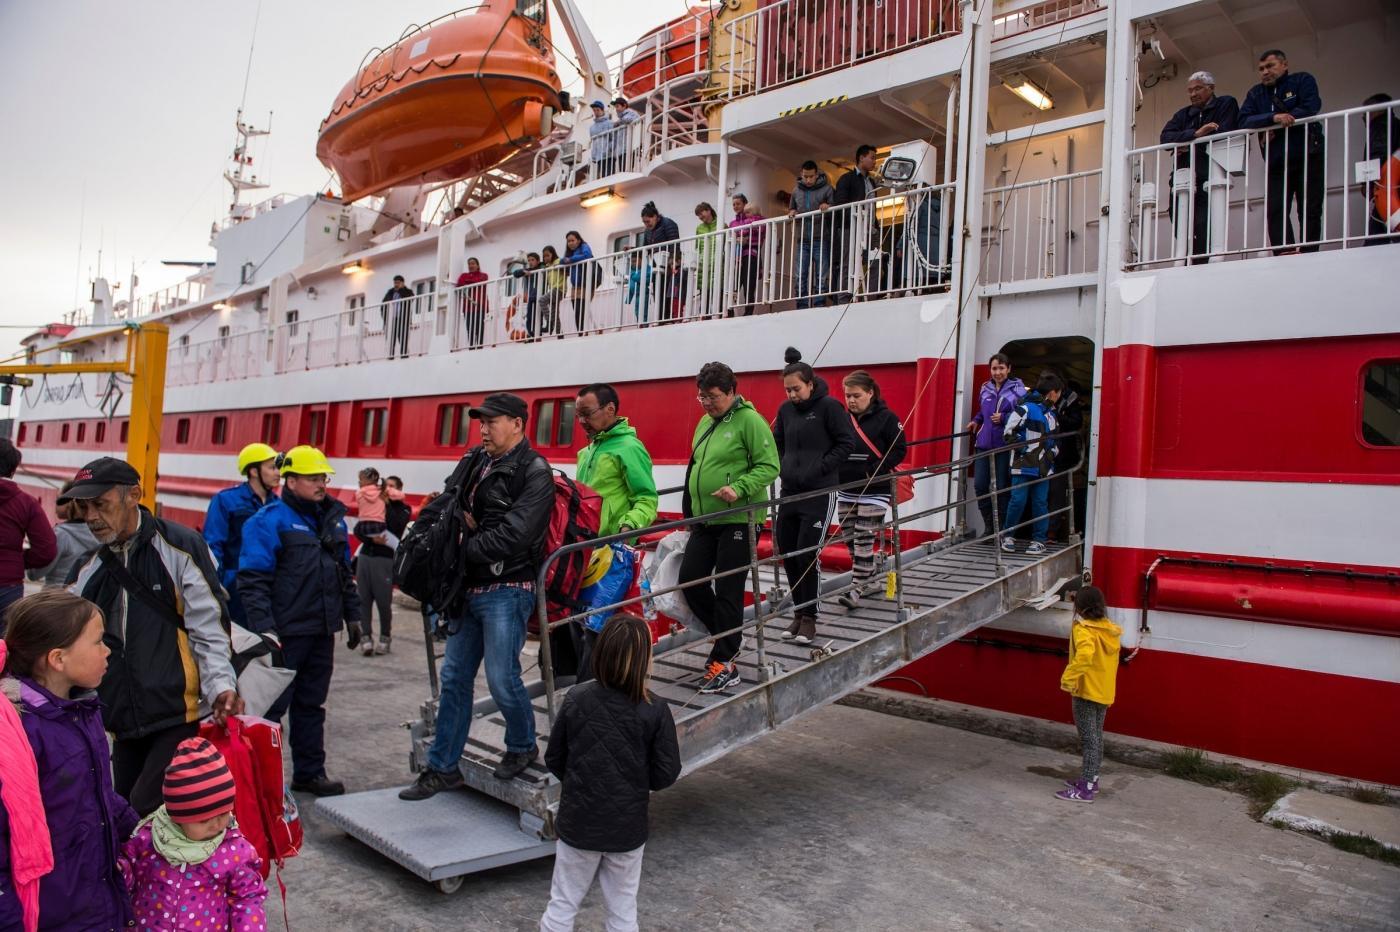 Disembarking to Qeqertarsuatsiaat from Sarfaq Ittuk in Greenland. Photo by Arctic Umiaq Line A/S